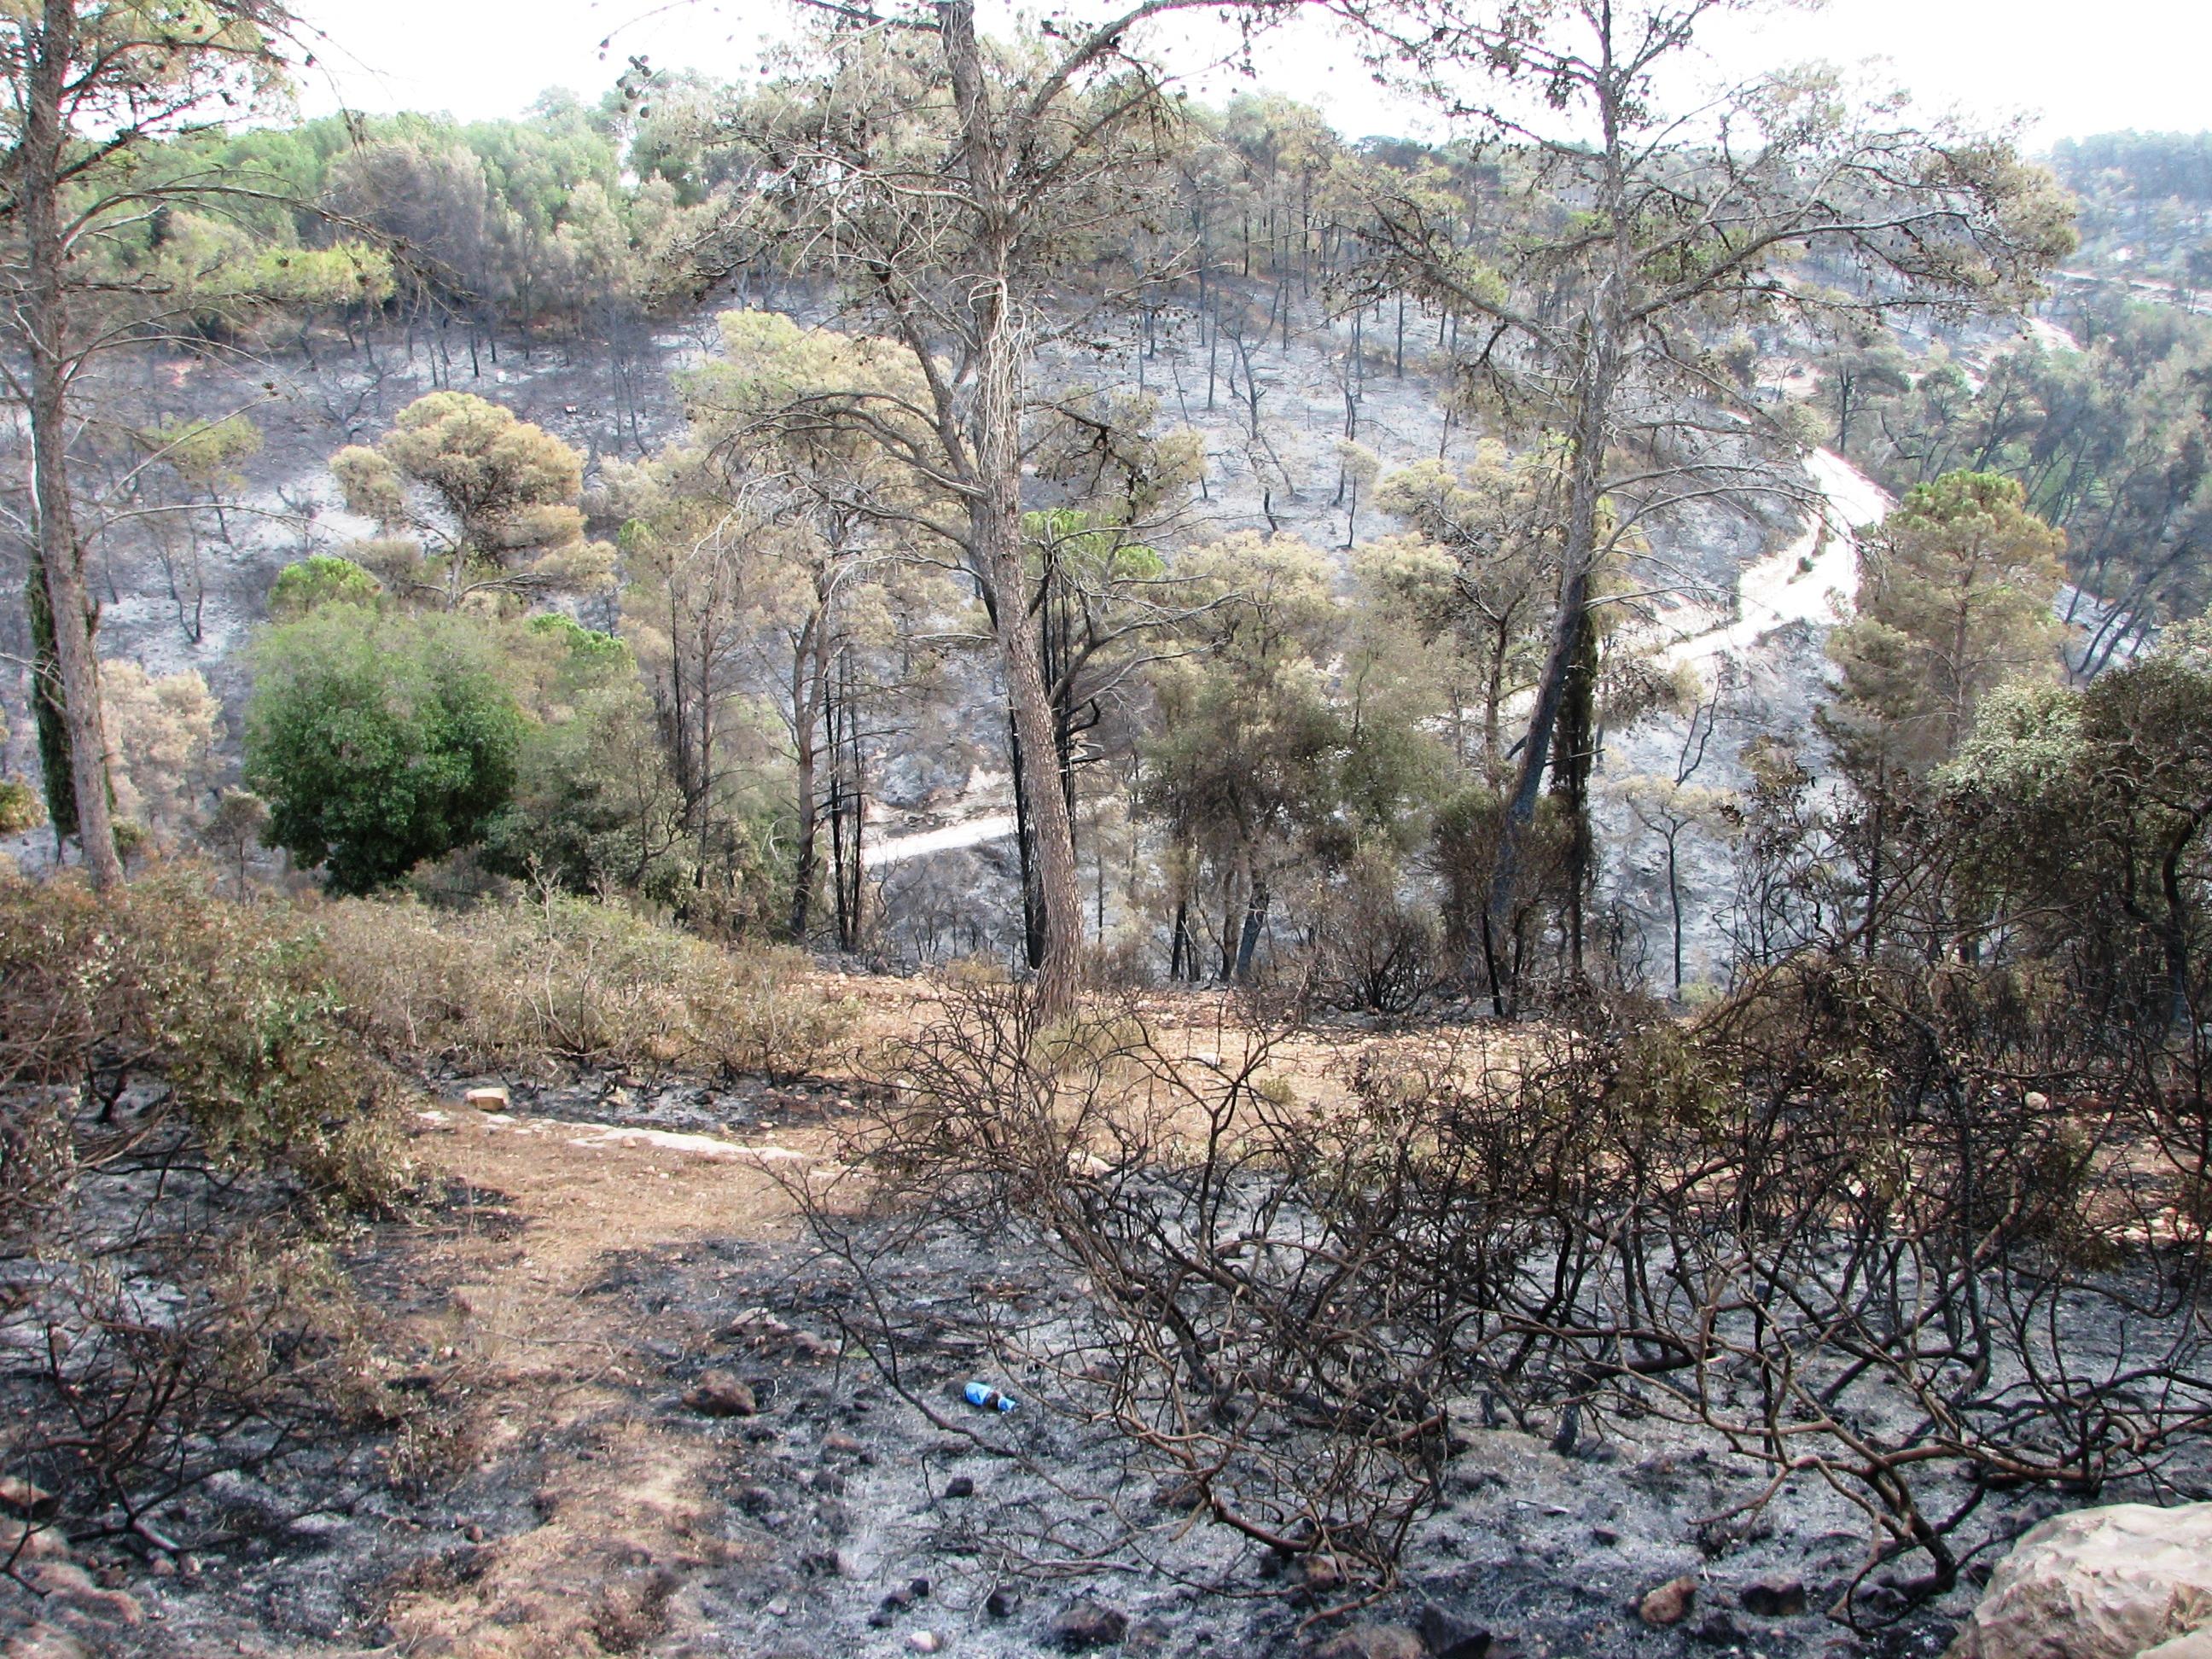 File:2010 Carmel forest - after fire near Isfiya (9).JPG ...